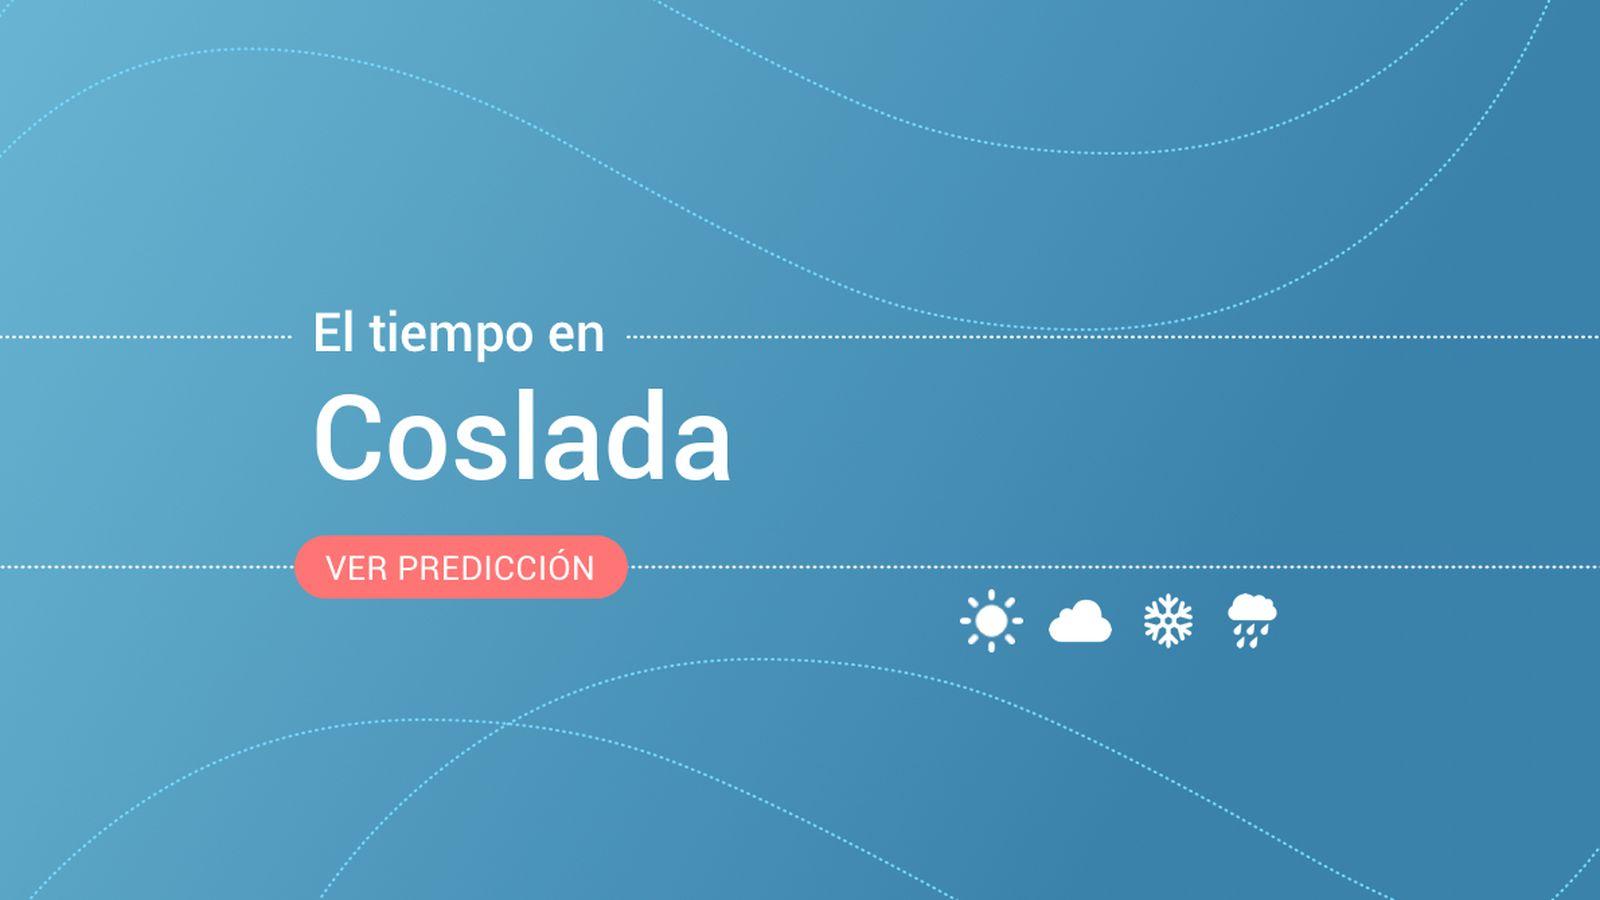 Foto: El tiempo en Coslada. (EC)